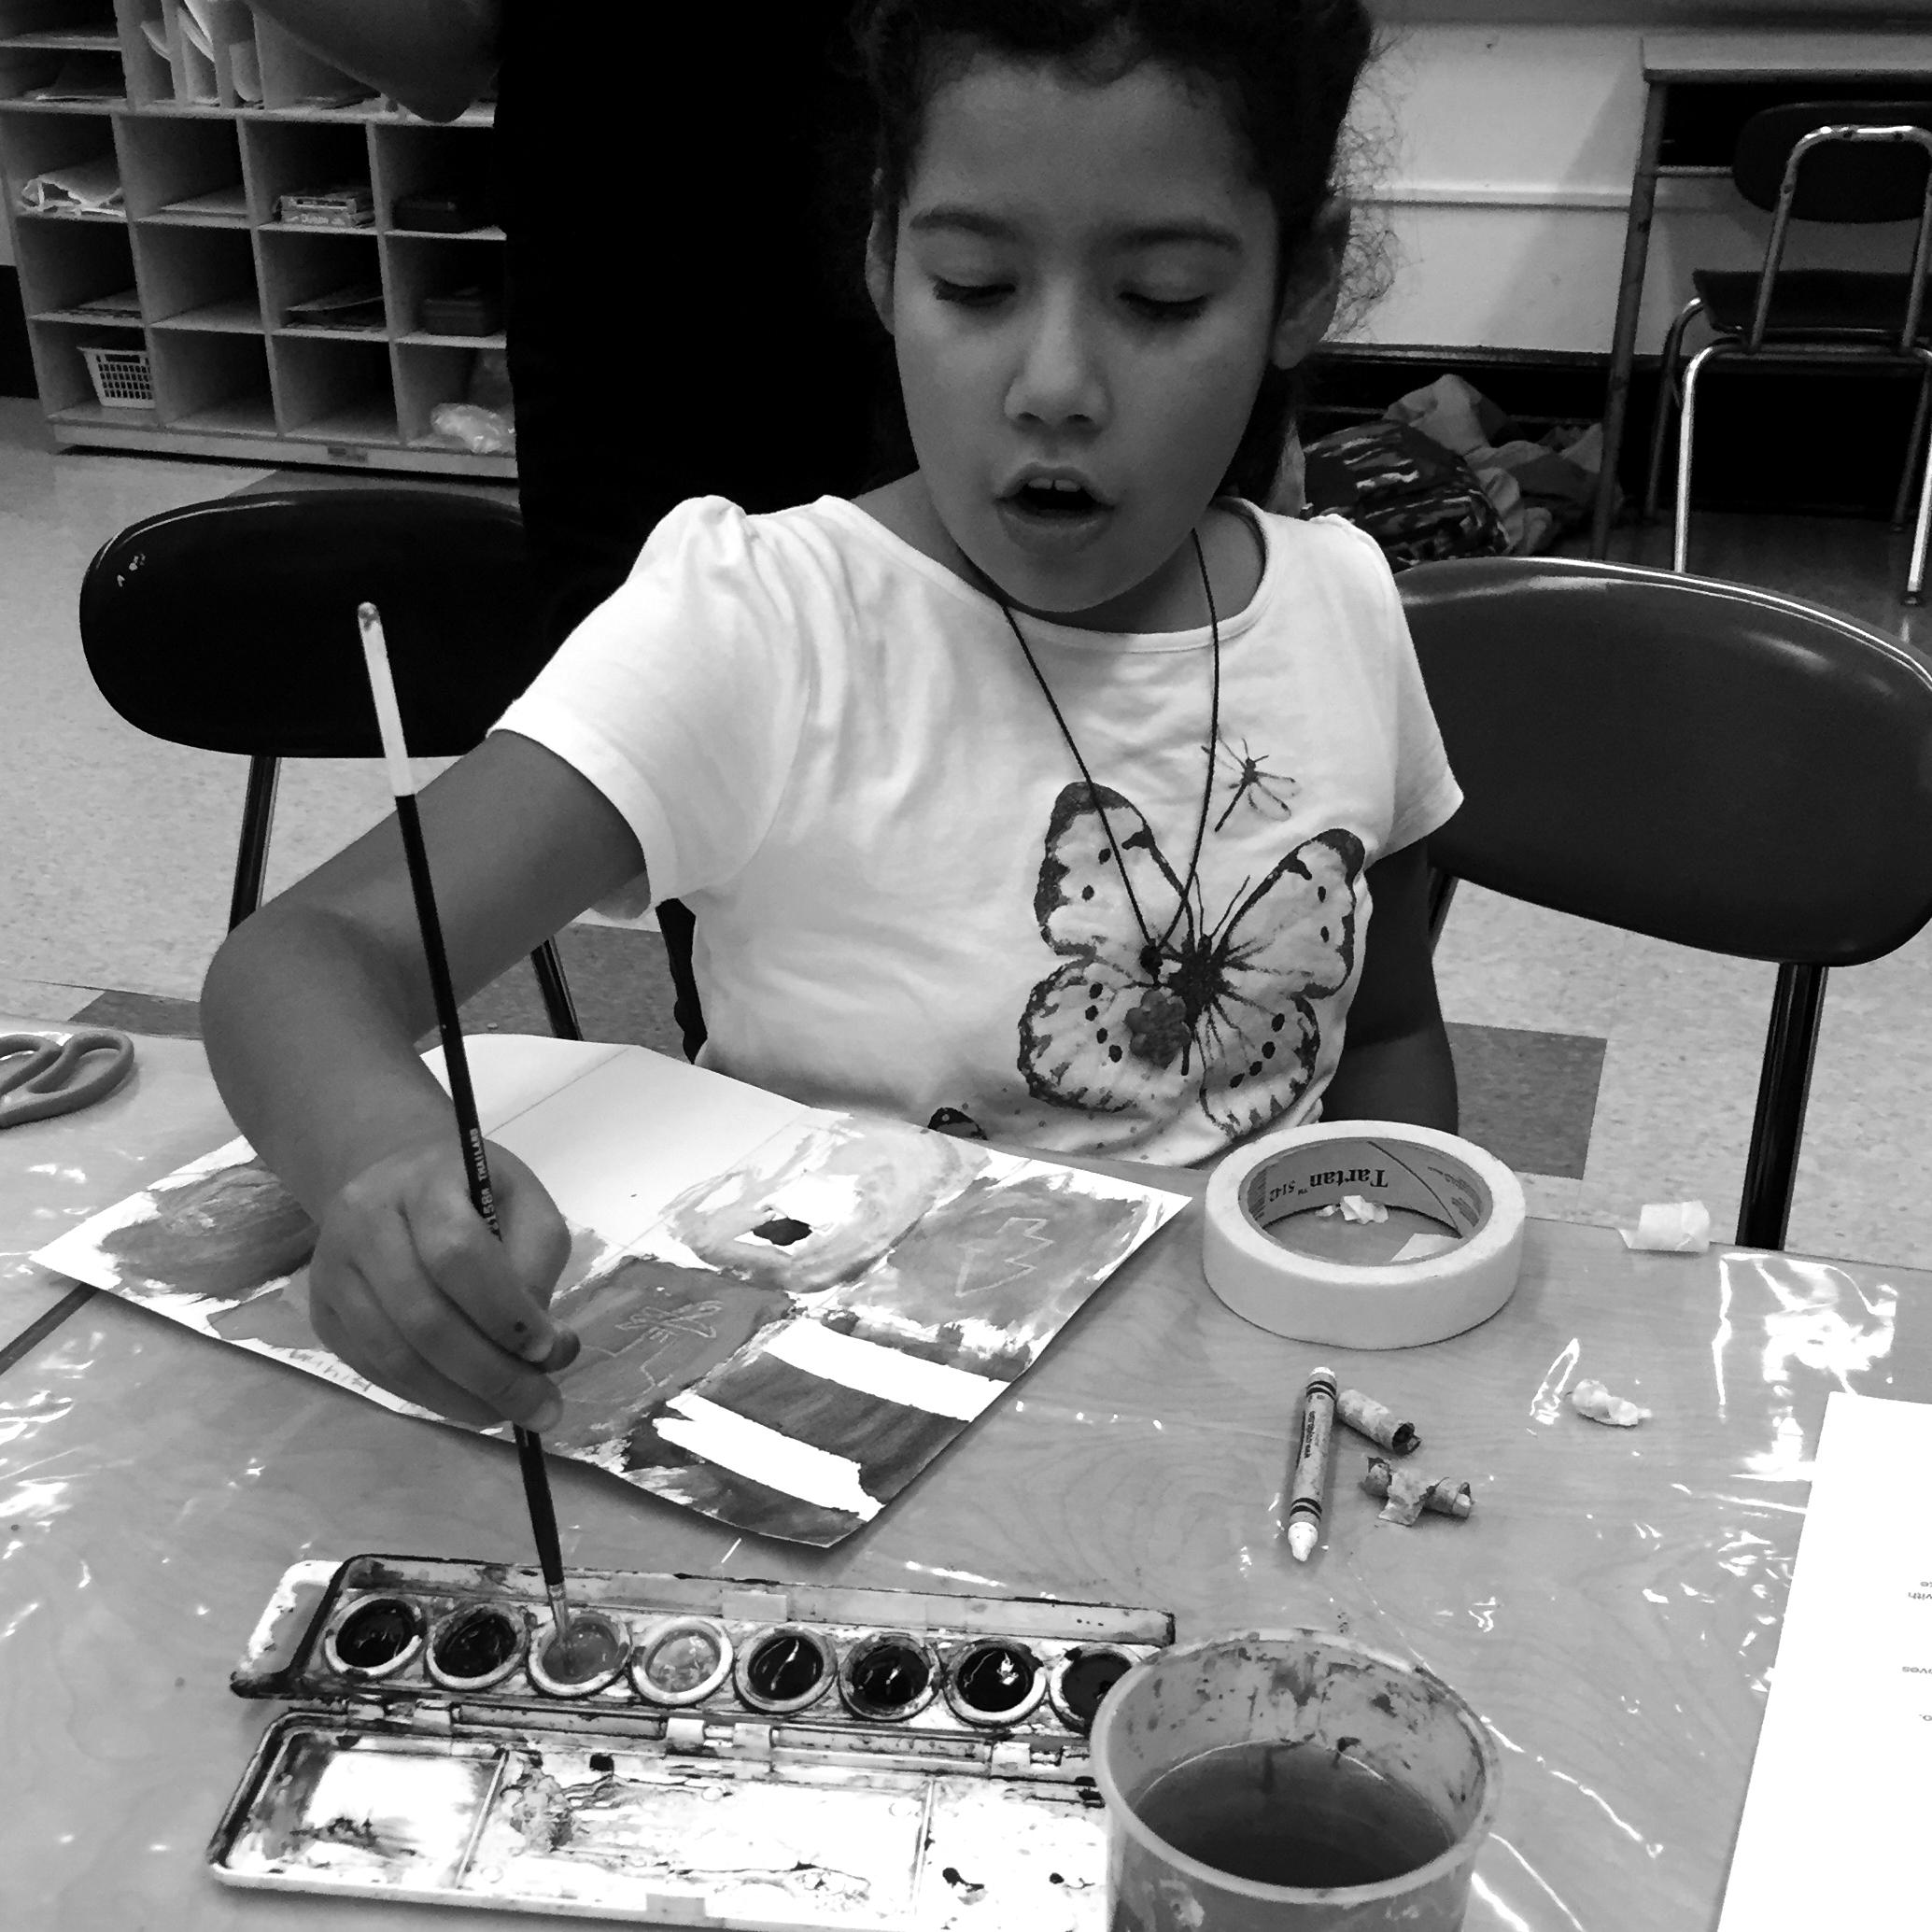 Arts Mentorship Program, Free Arts NYC New York, NY